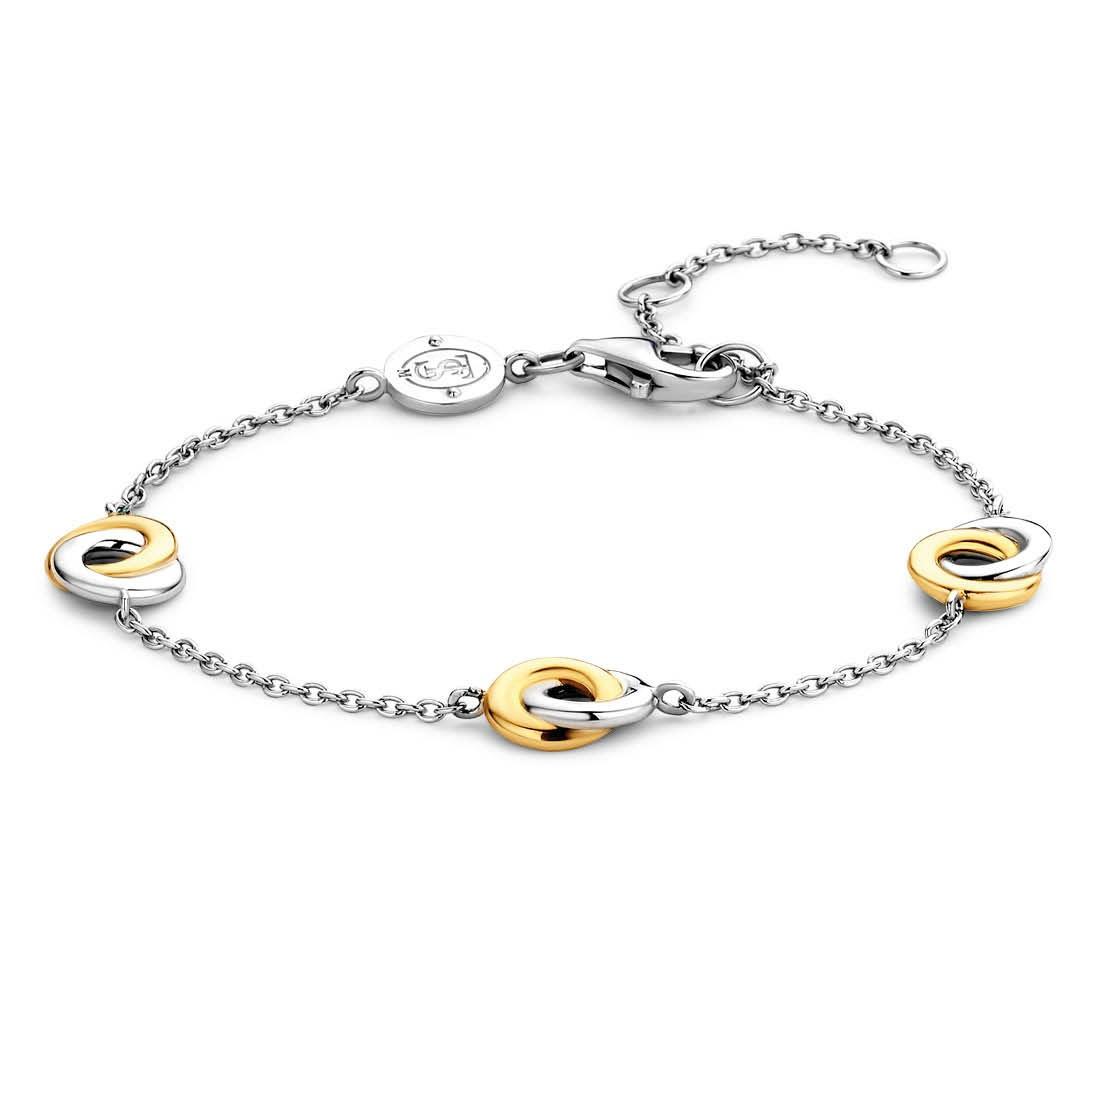 TI SENTO - Milano 2925SY Armband Gilded zilver 16-20 cm